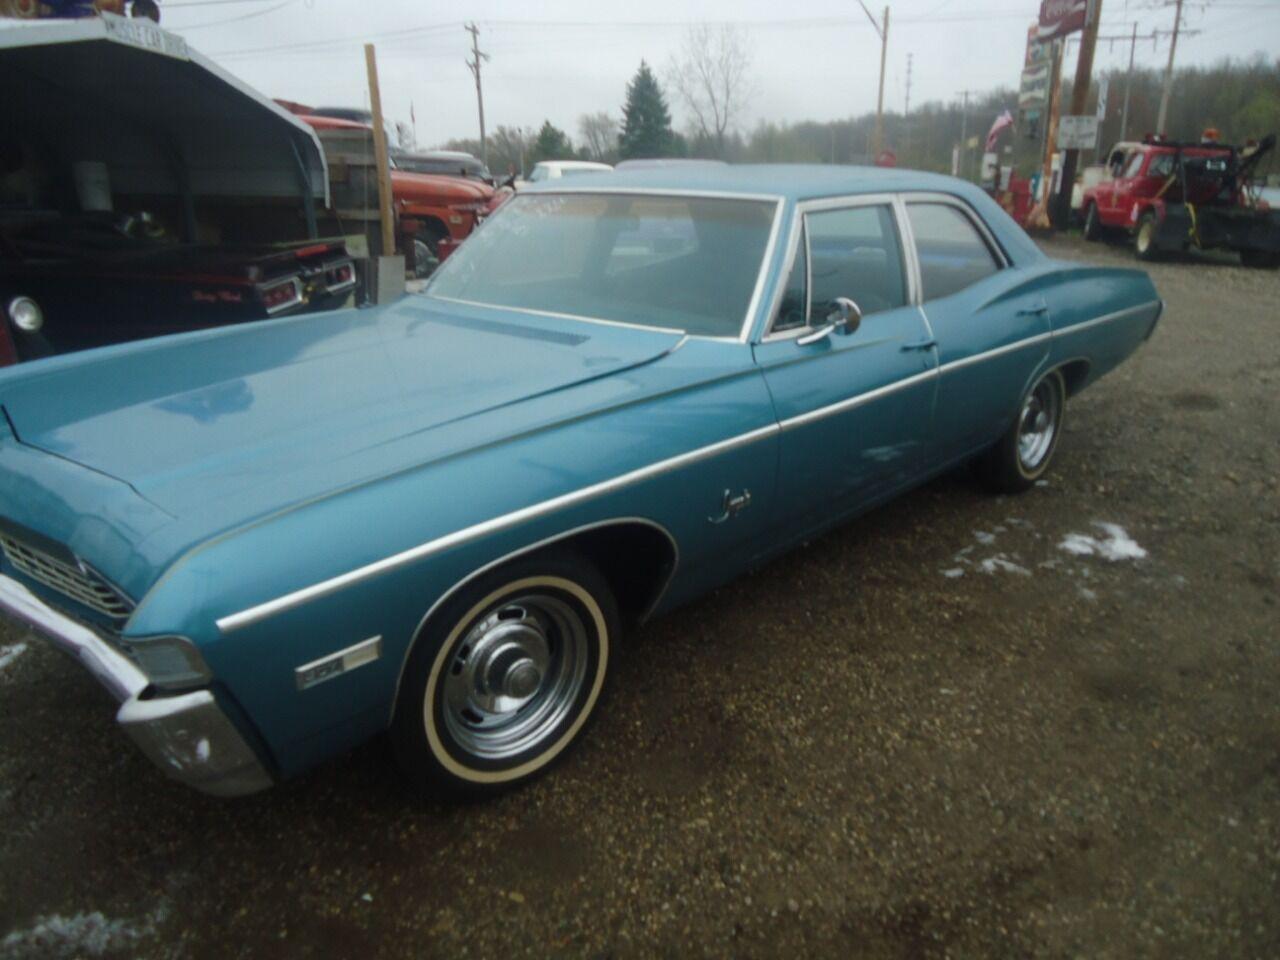 1968 Chevrolet Impala 4